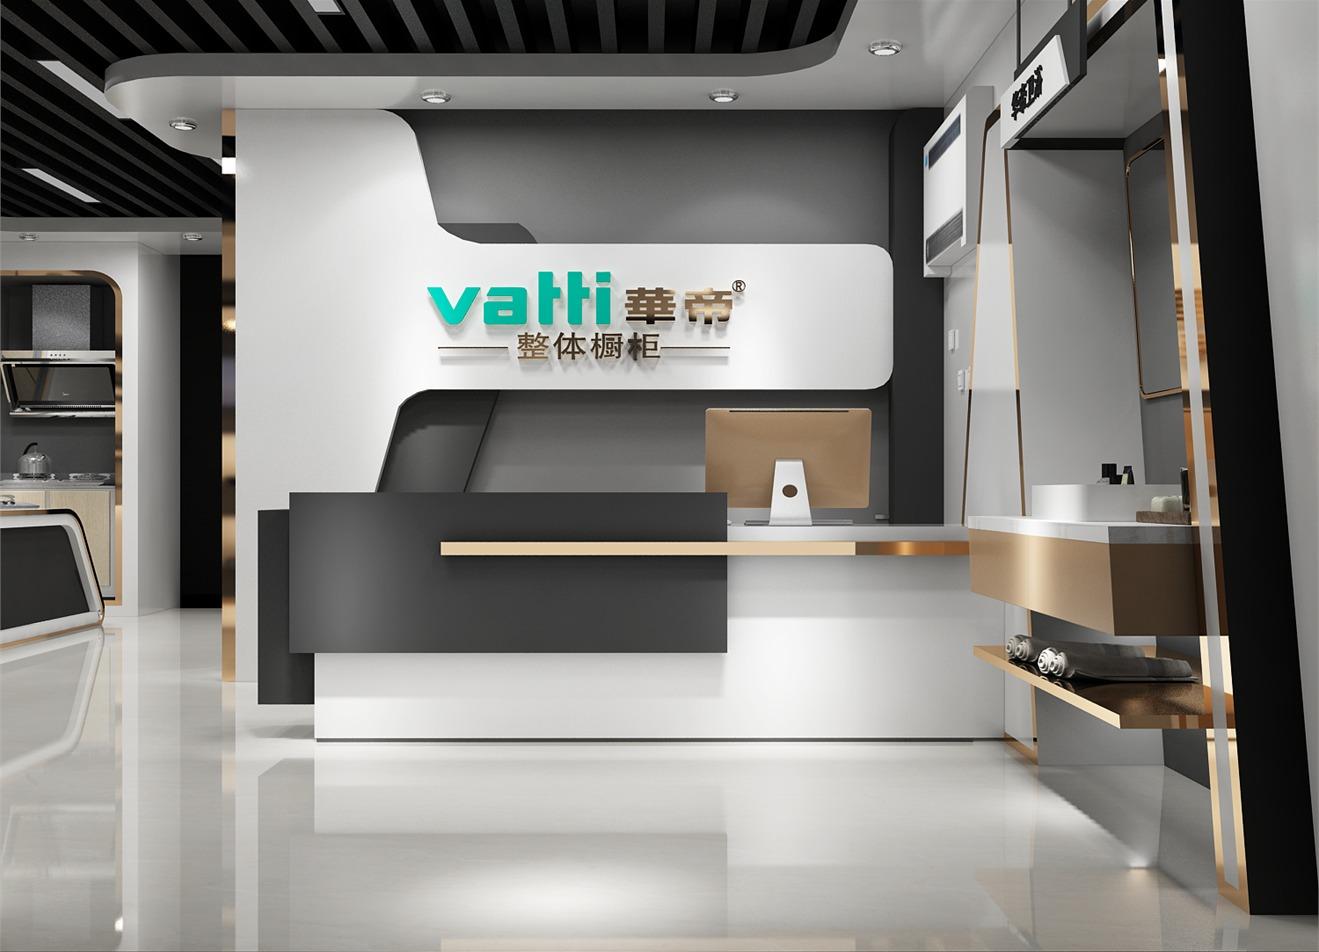 热水器橱柜展厅设计公装效果图设计室内设计效果图设计